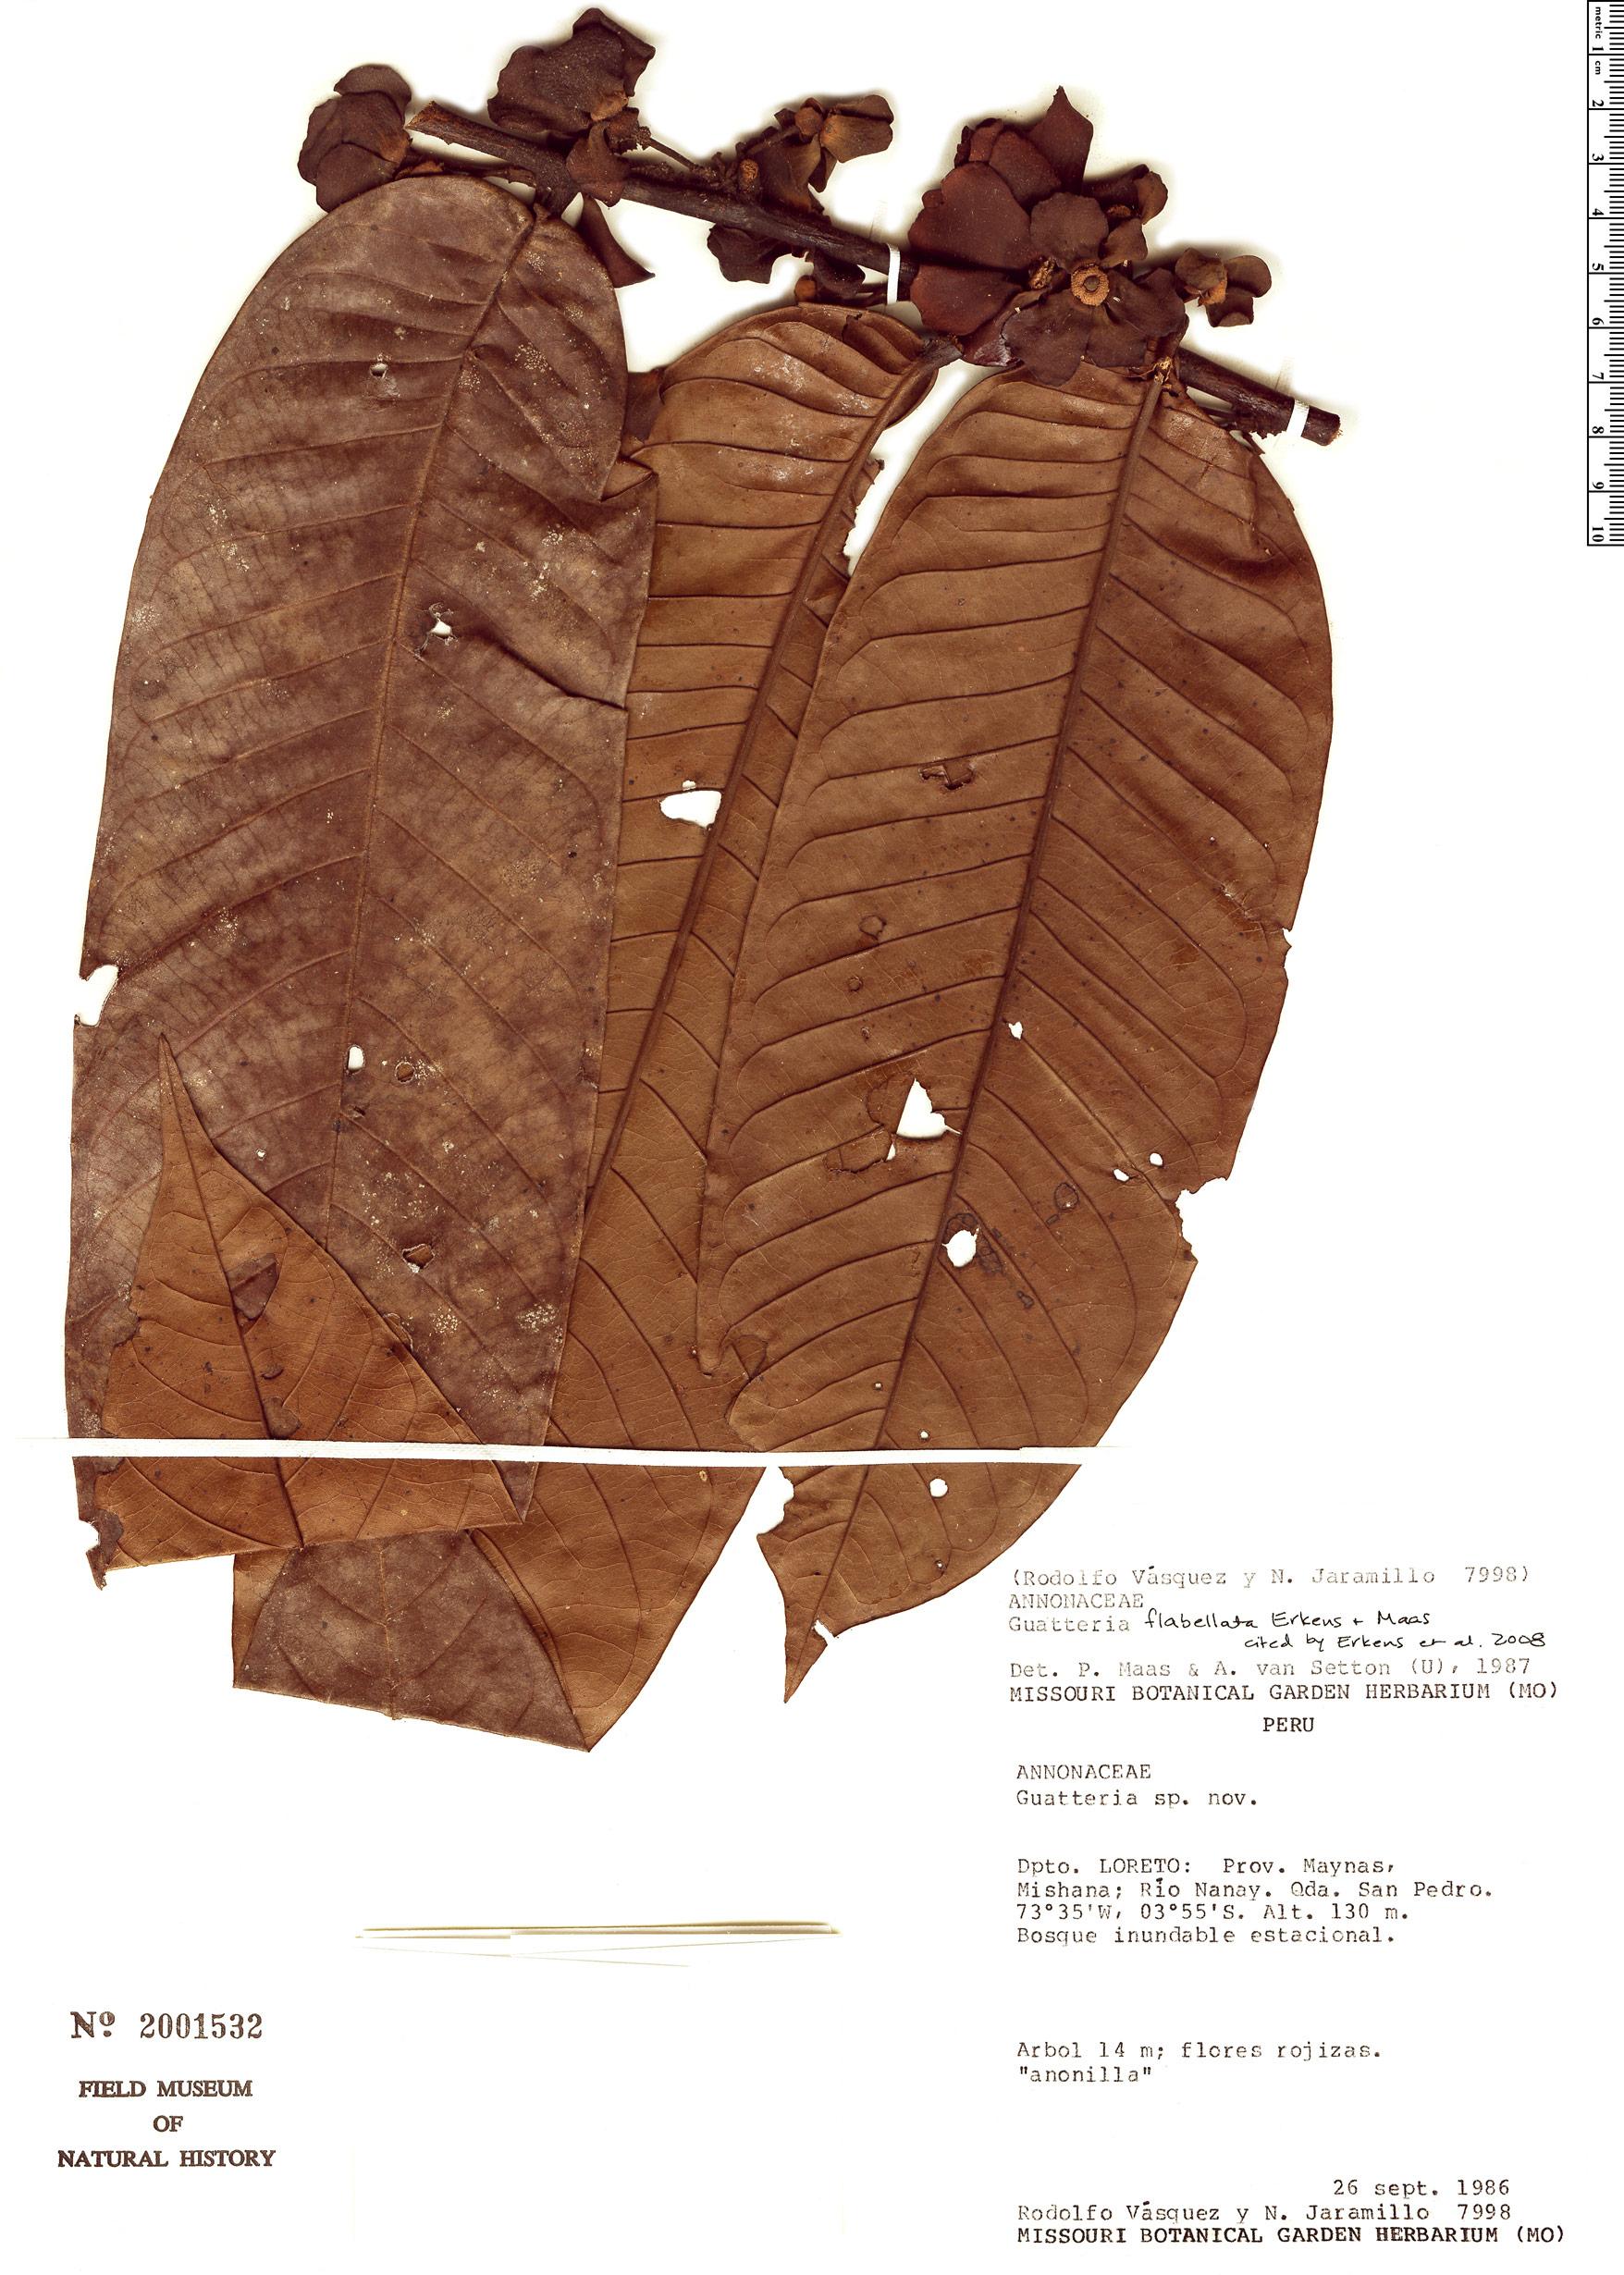 Specimen: Guatteria flabellata